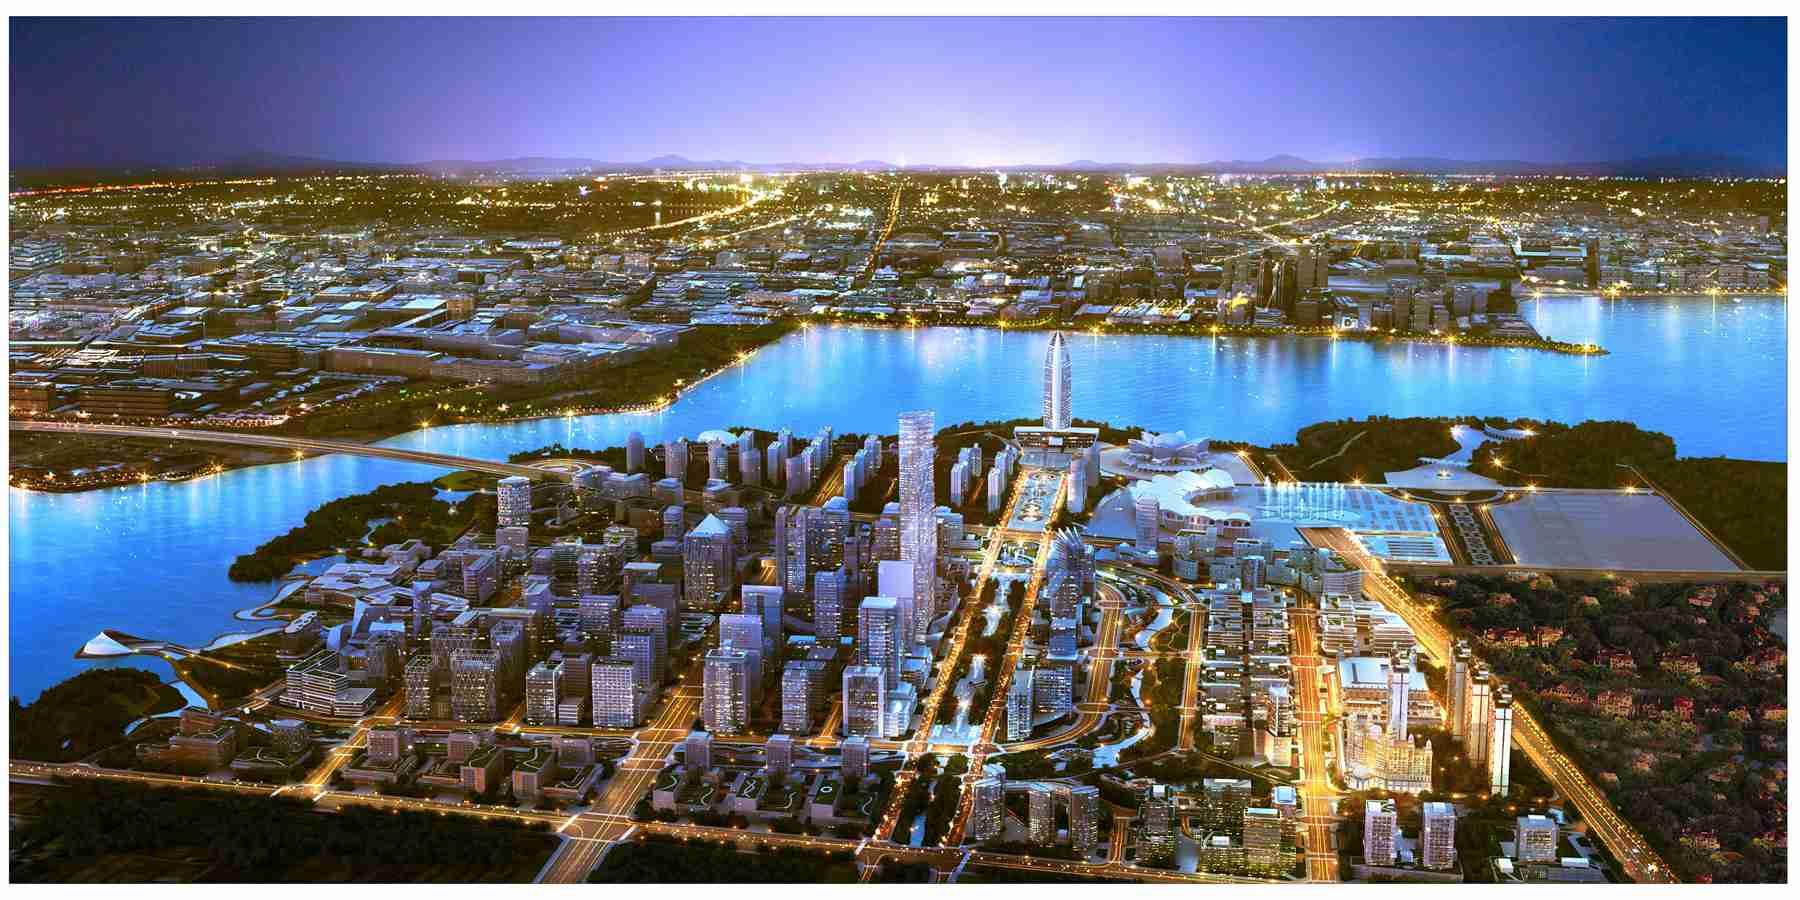 阅�_集团已在银川阅海湾中央商务区投资建设了酒店等项目